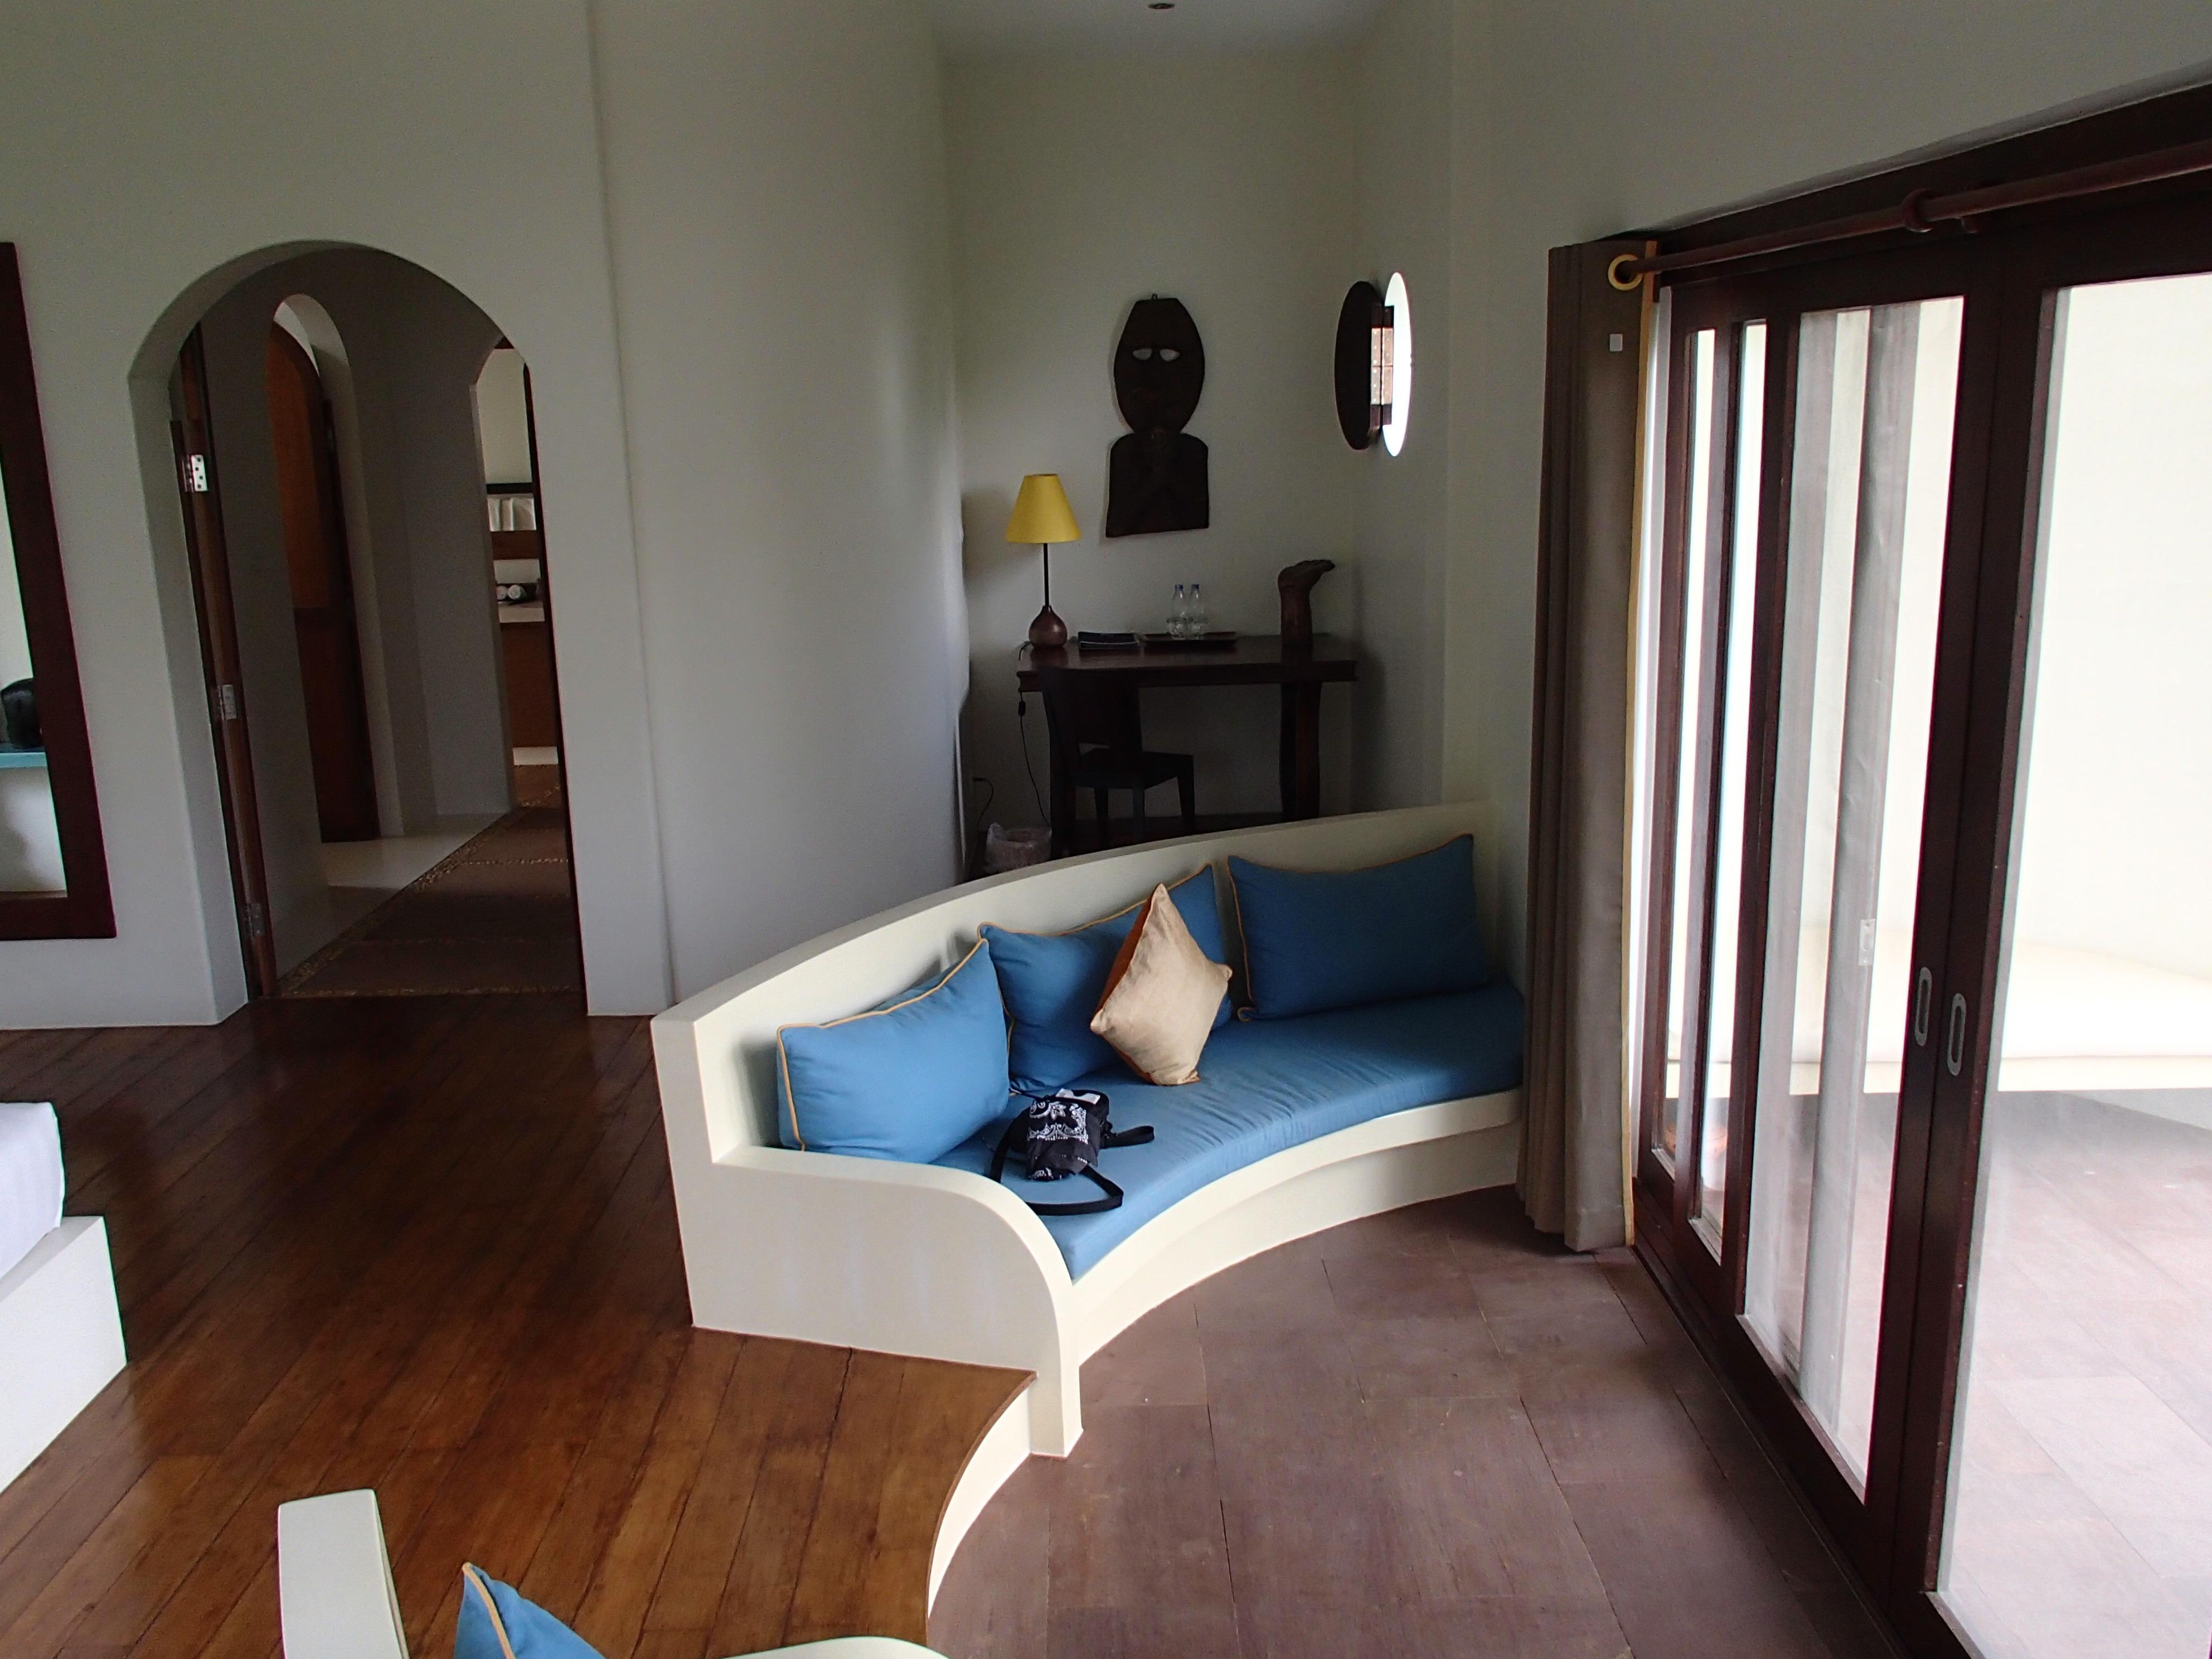 Navutu Dreams couch